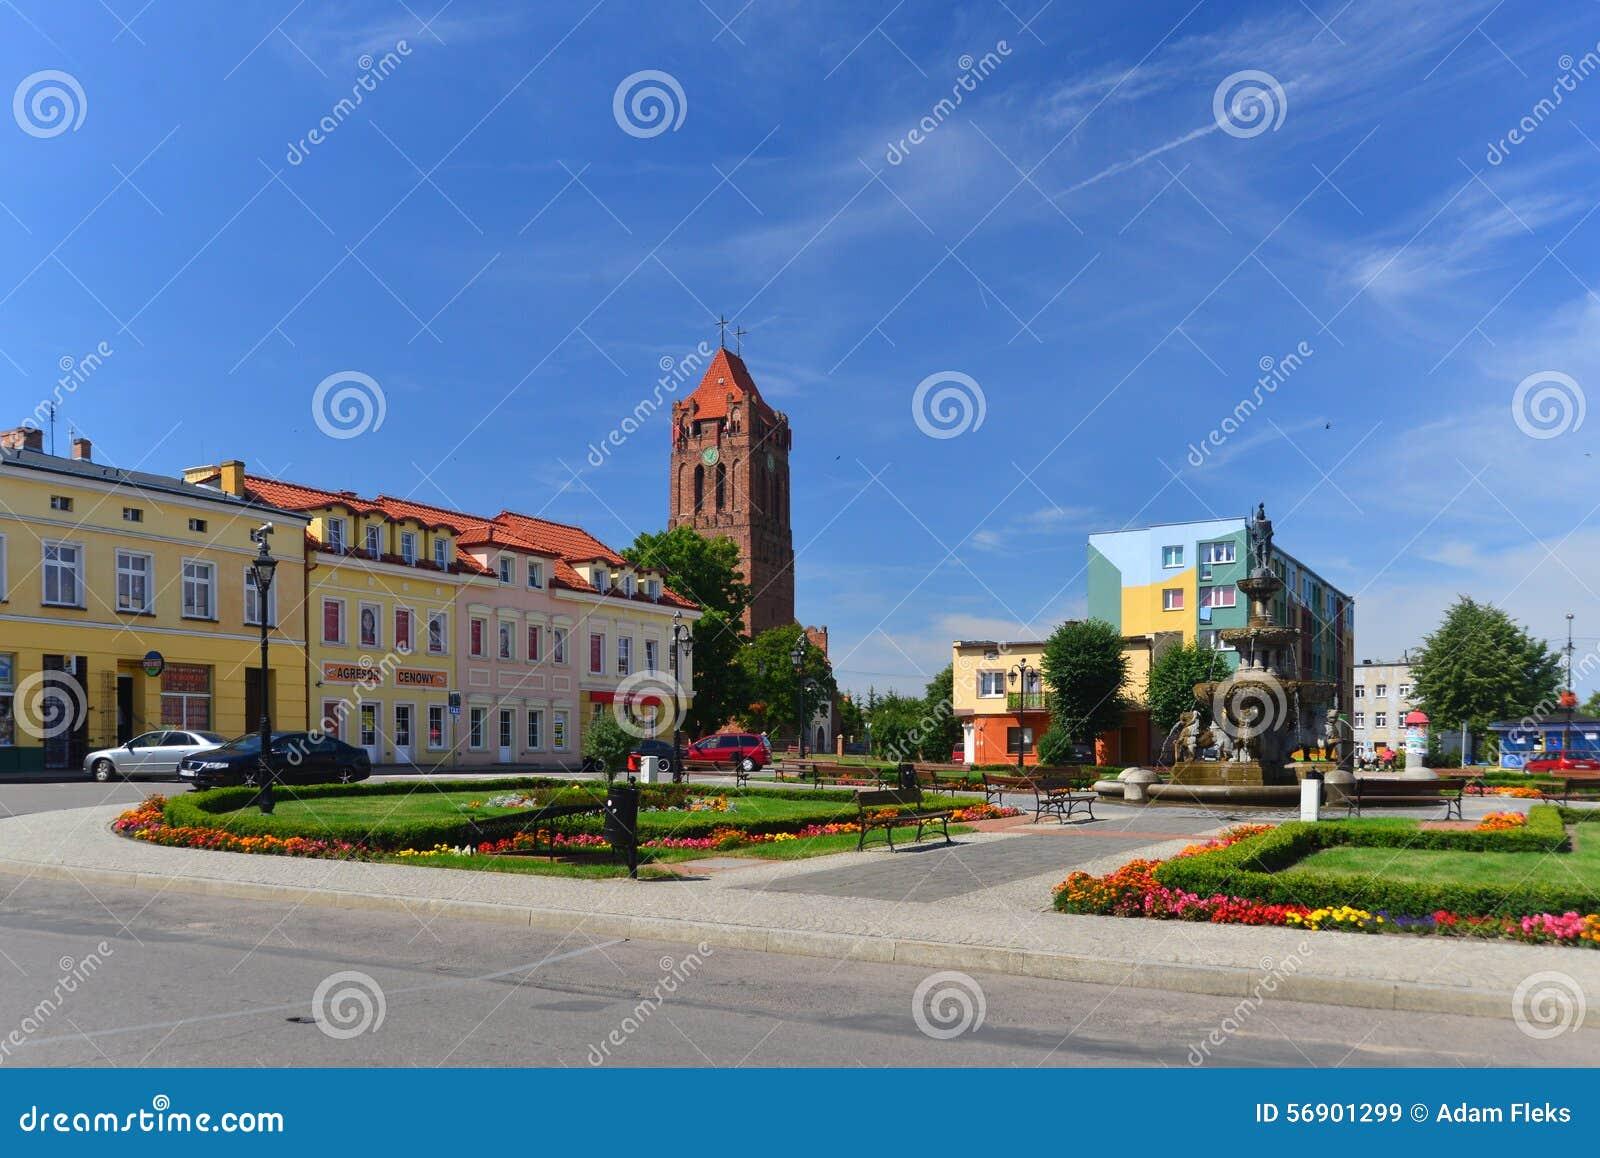 Τετράγωνο αγοράς σε μια μικρή πόλη